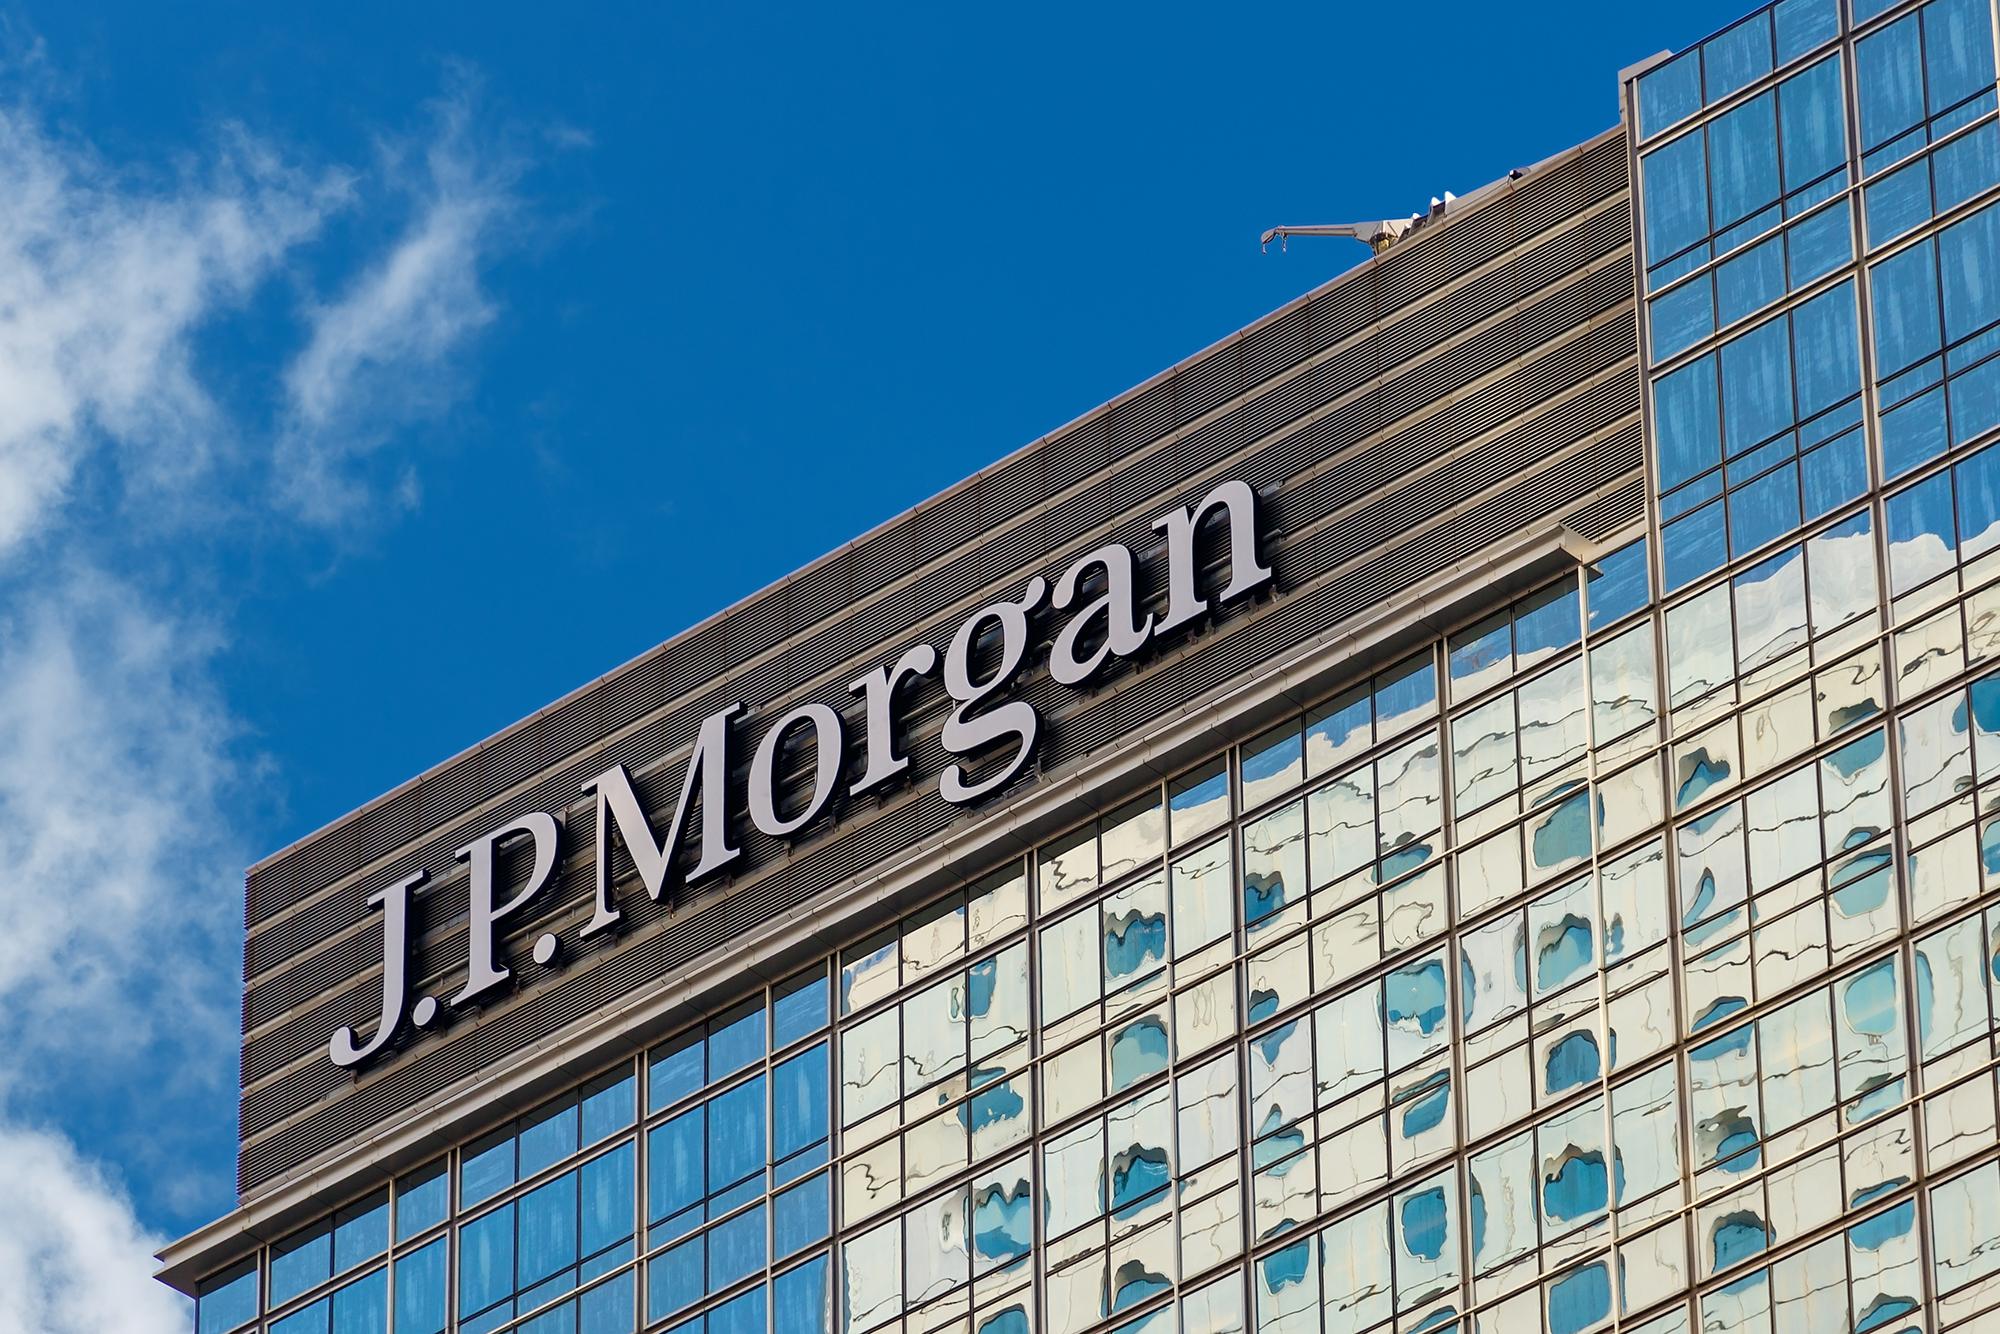 """بنك """"جي بي مورغان"""" يعلن عن توظيف مطوري الايثيريوم والبلوكشين…ماذا يعني ذلك؟"""